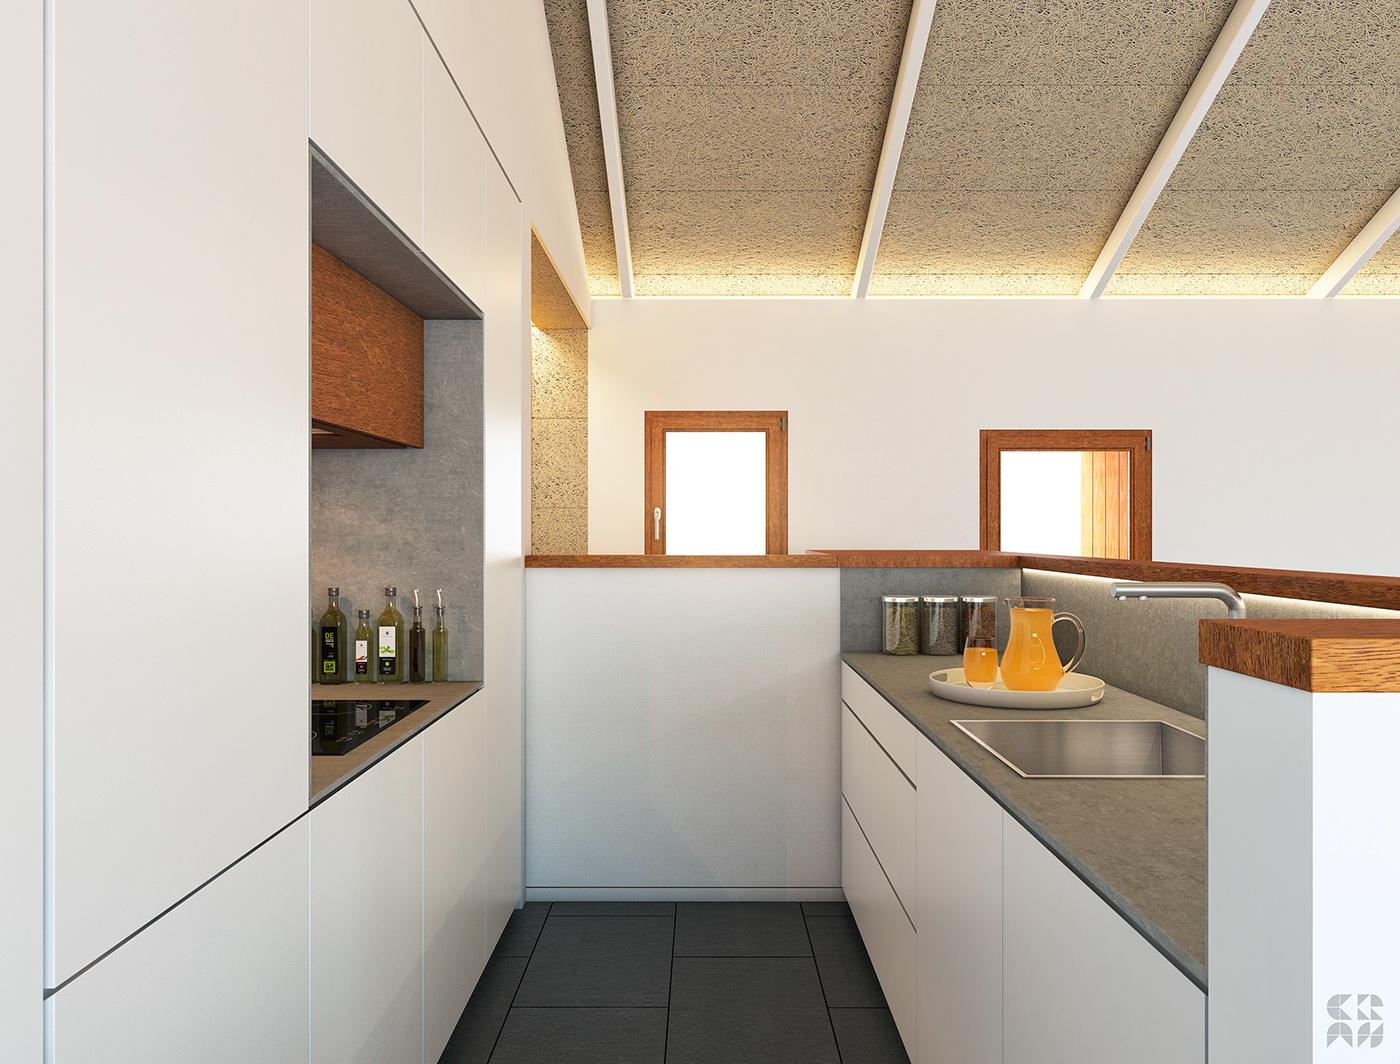 3D Render Interior design photoshop vray 3dmax minimal house refuge